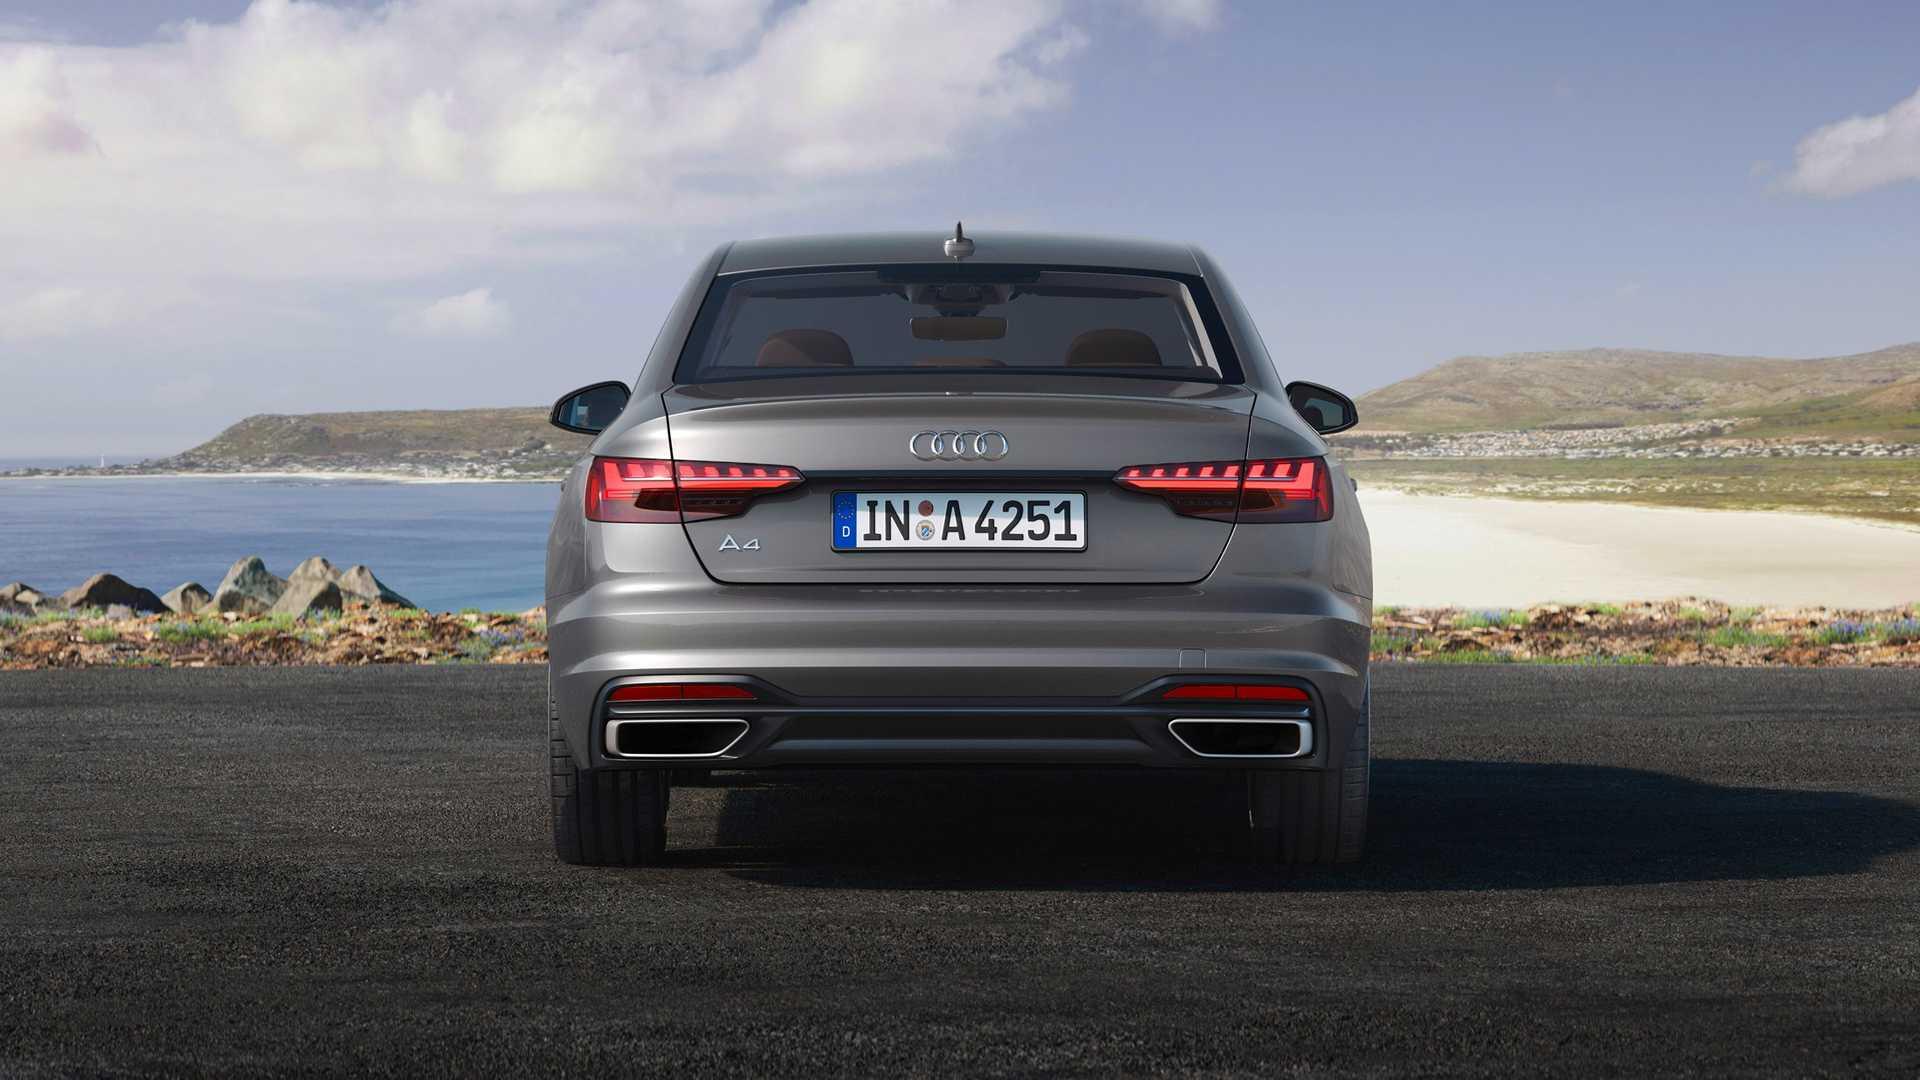 27 New Audi Dtm 2020 New Concept by Audi Dtm 2020